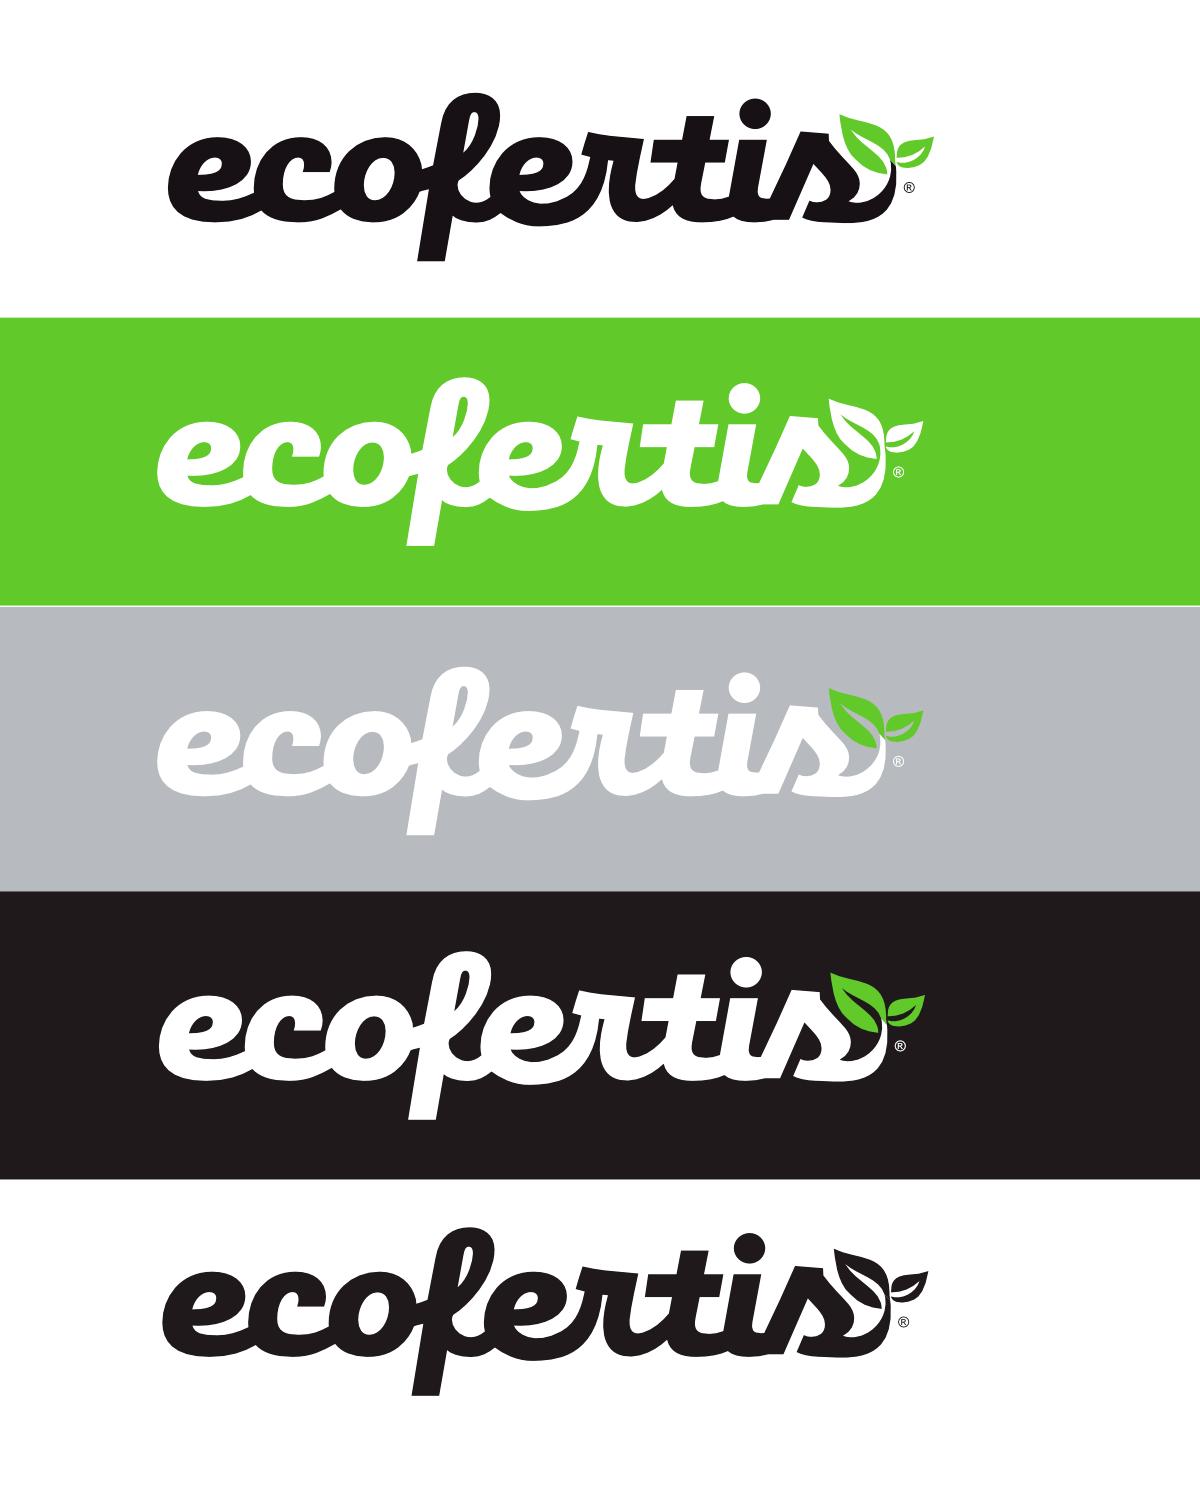 Väetiste tootja Ecofertis logo kujundus